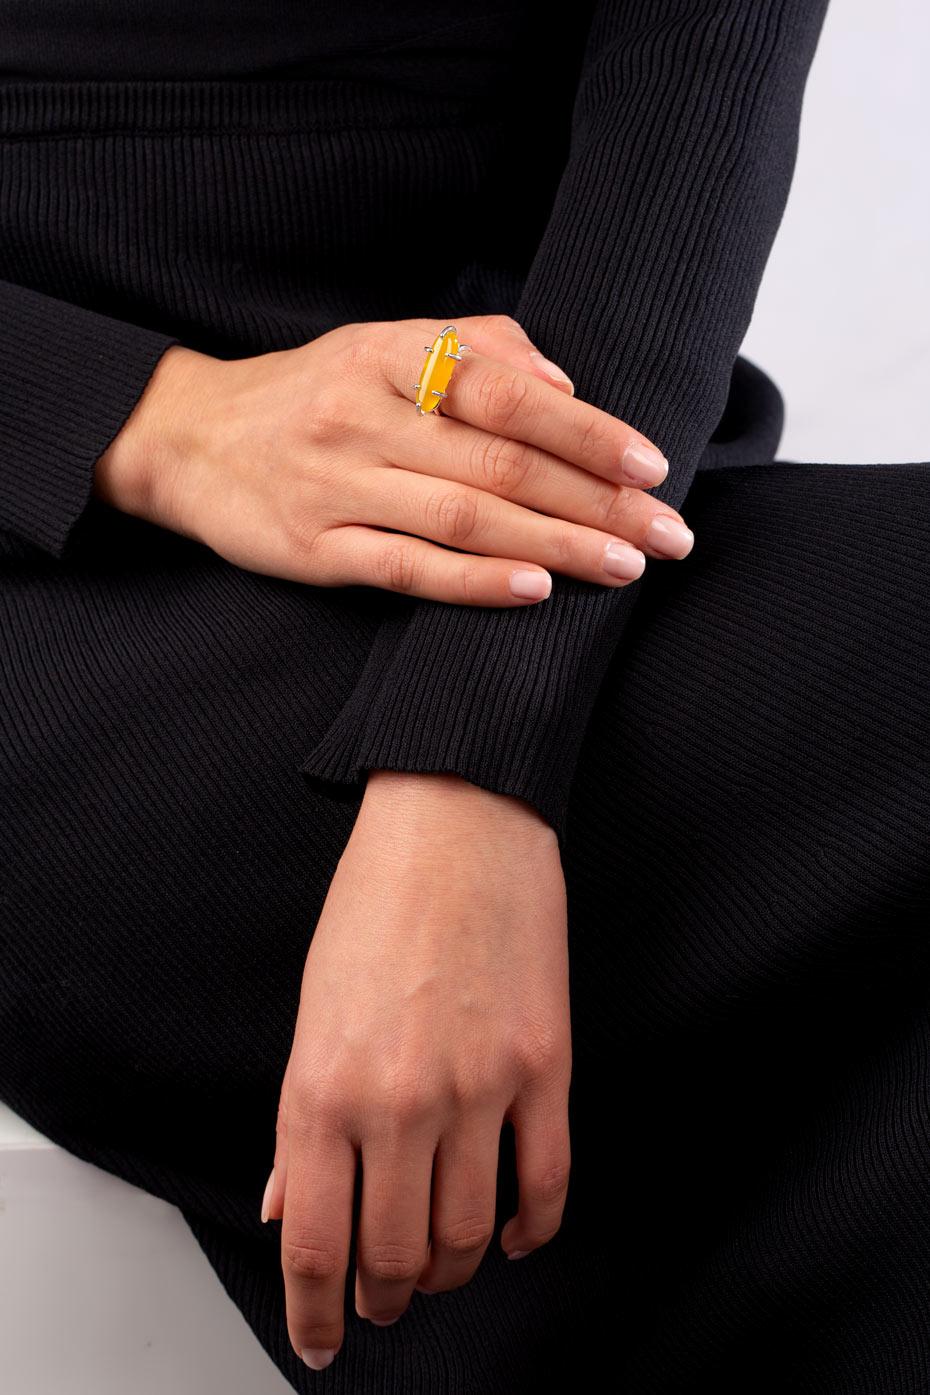 انگشتر نقره سیترین بیضی